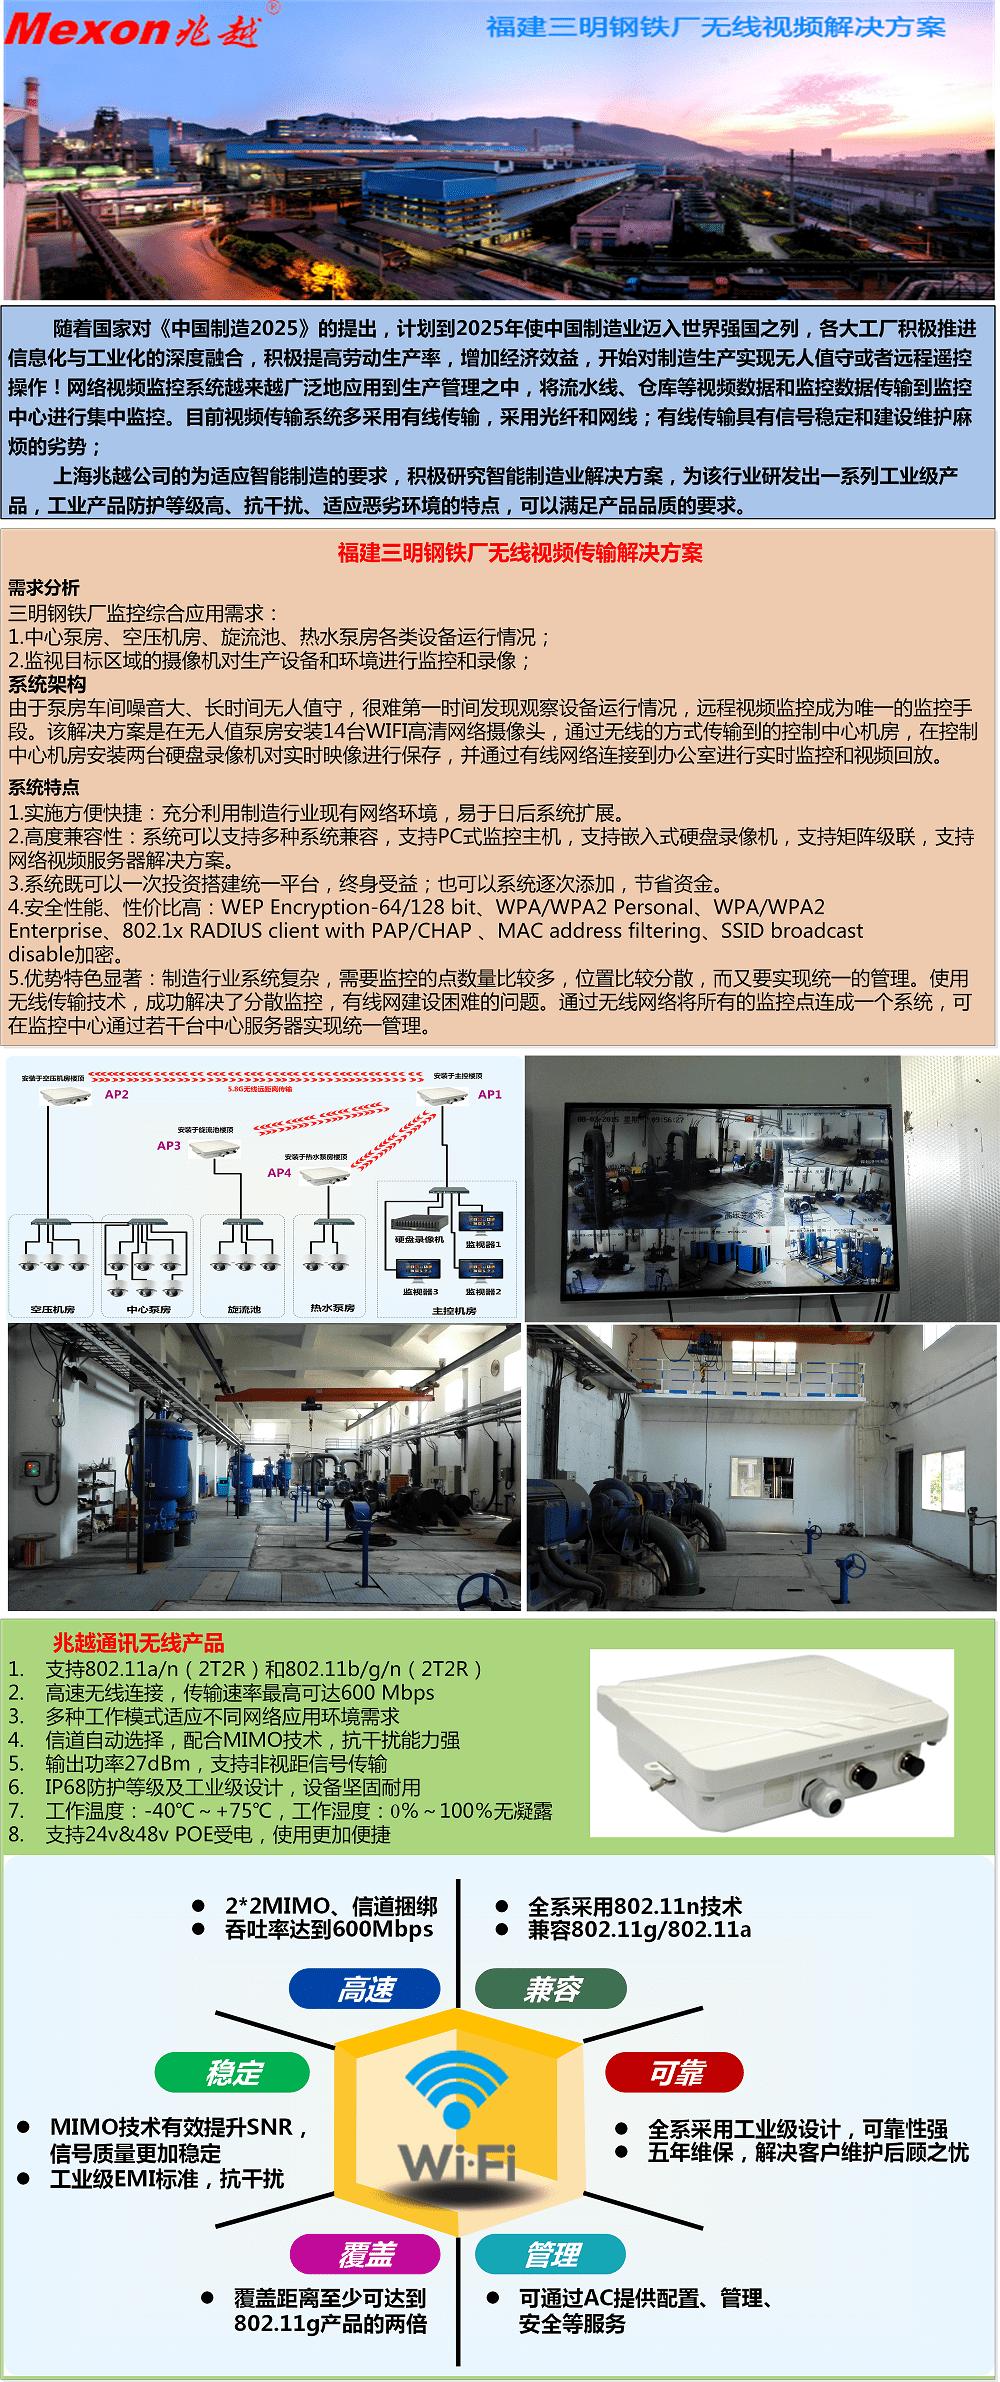 福建三明钢铁厂网报 (1).jpg